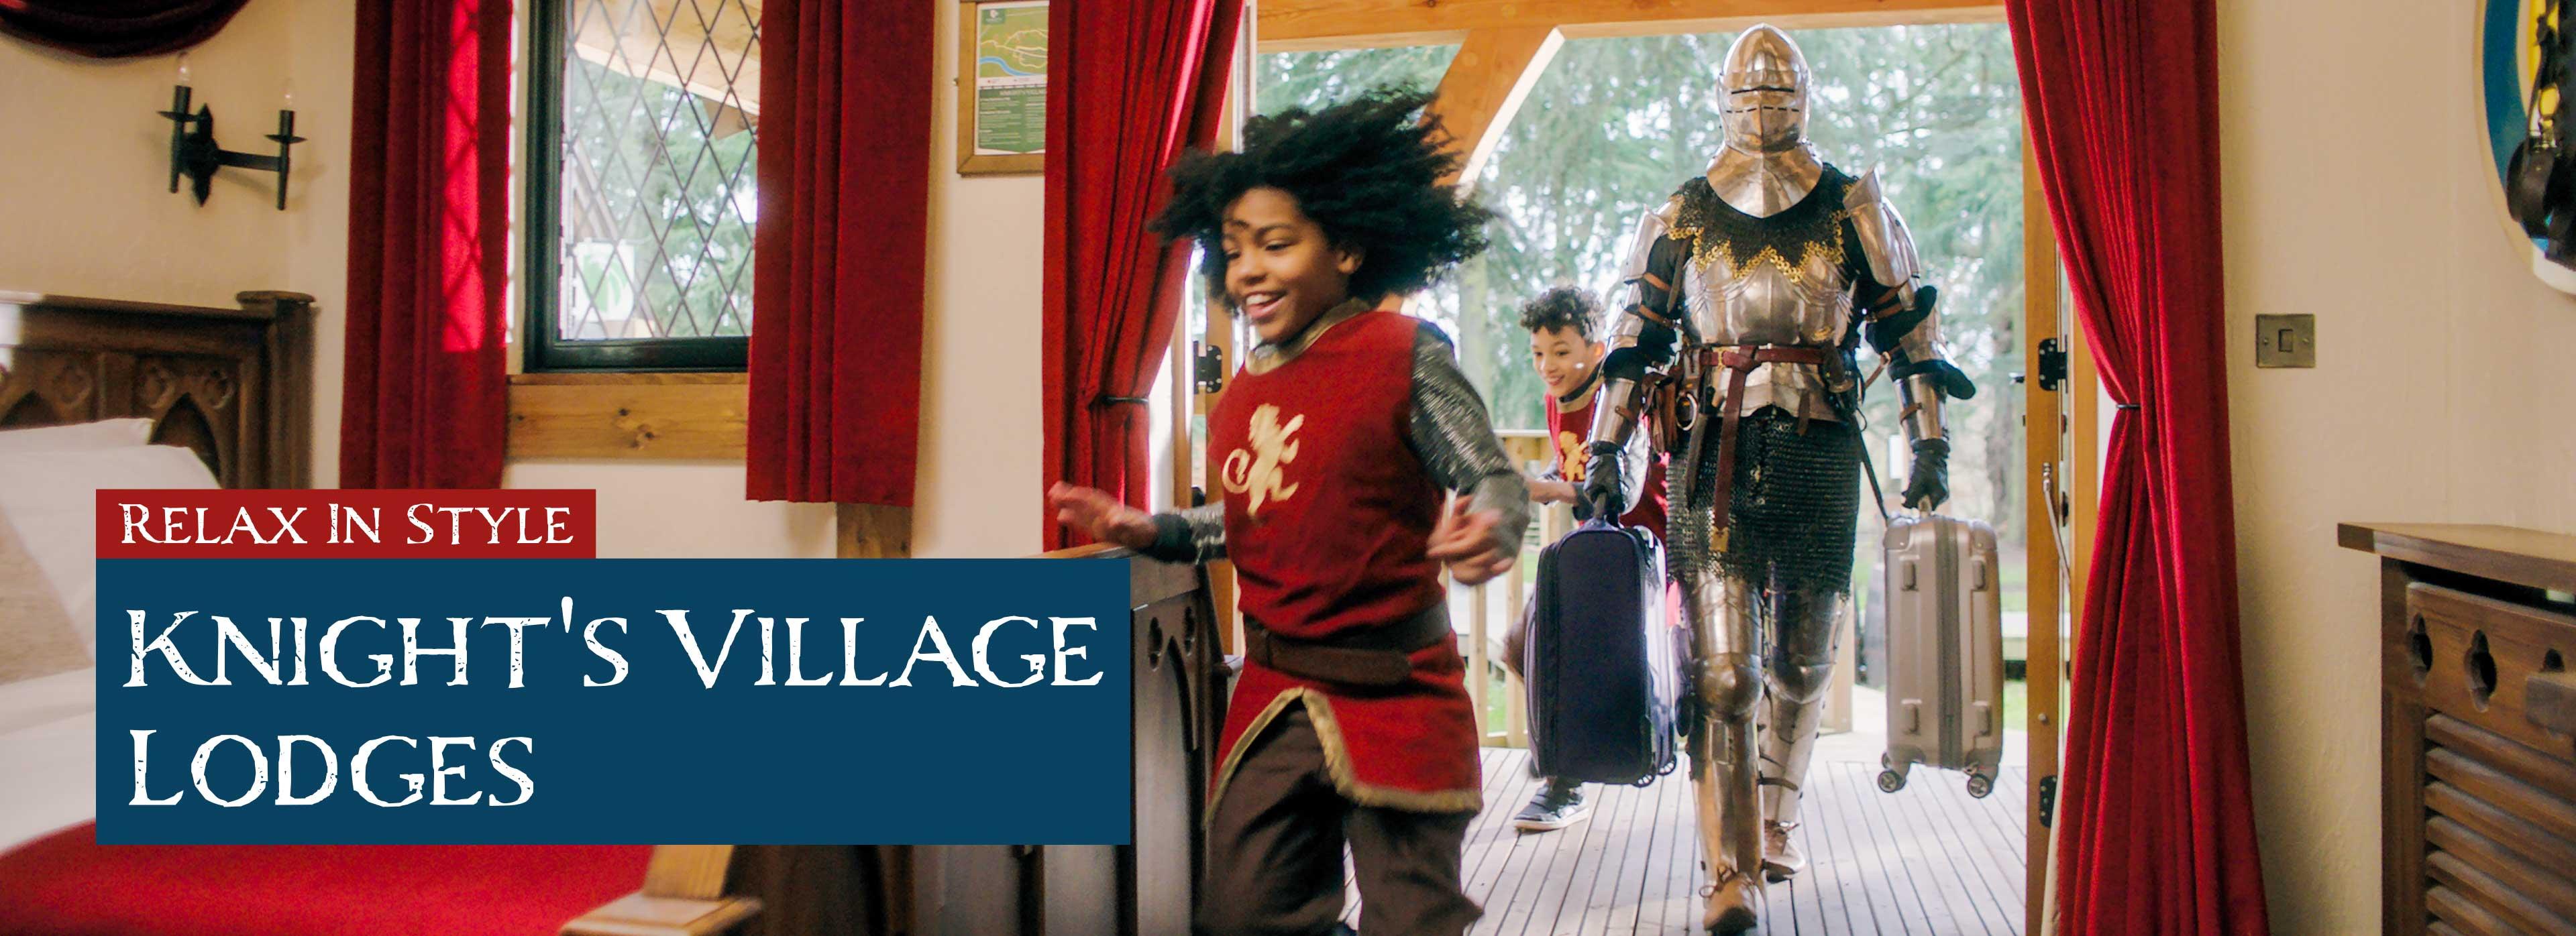 Knight's Village Lodges as Warwick Castle